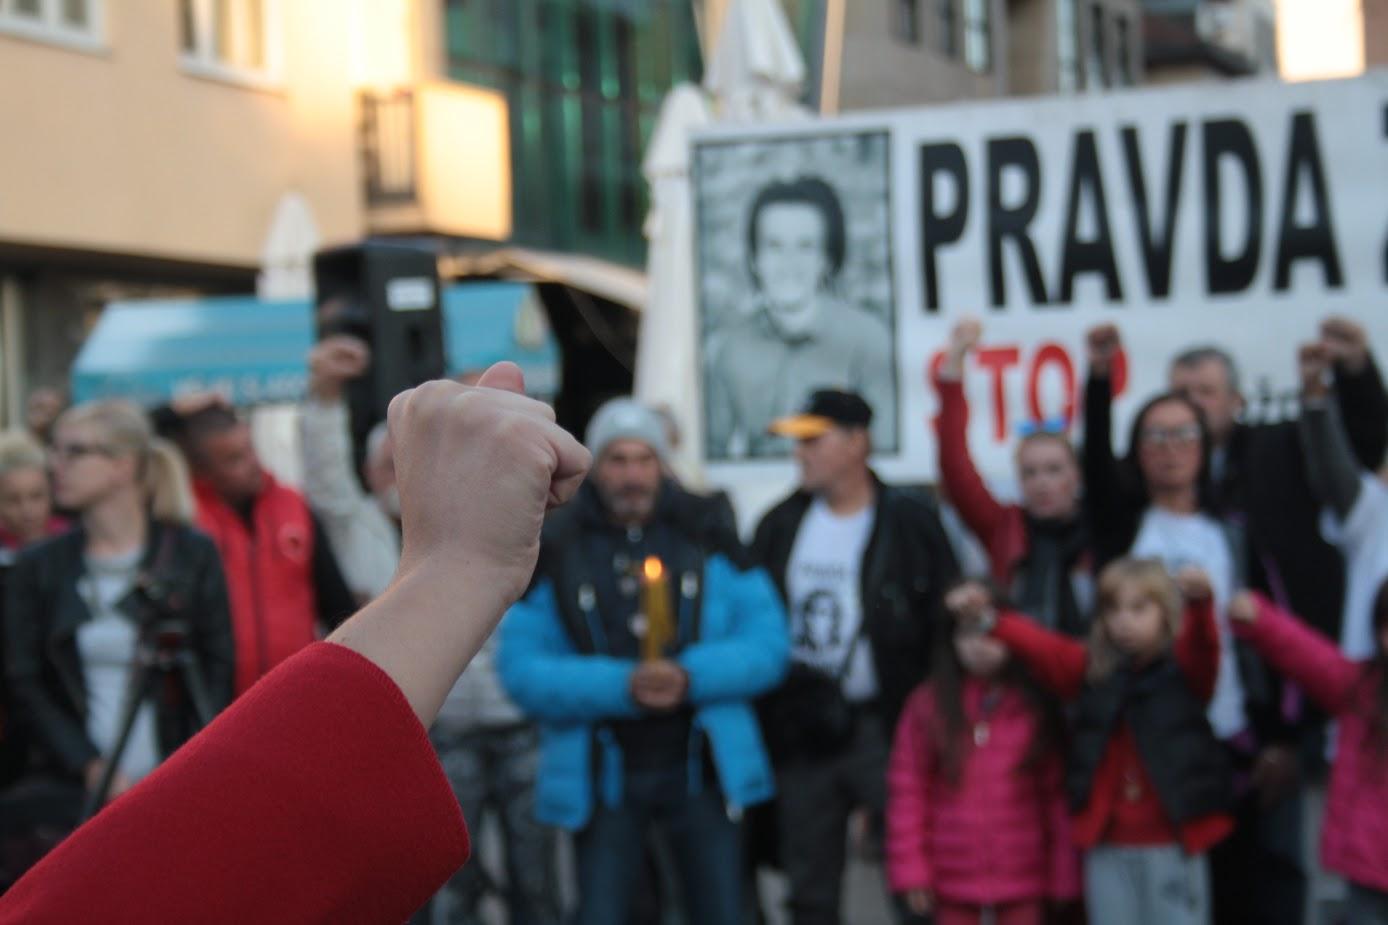 Banja Luka, durante una manifestazione del movimento Pravda za Davida (foto A. Sasso)